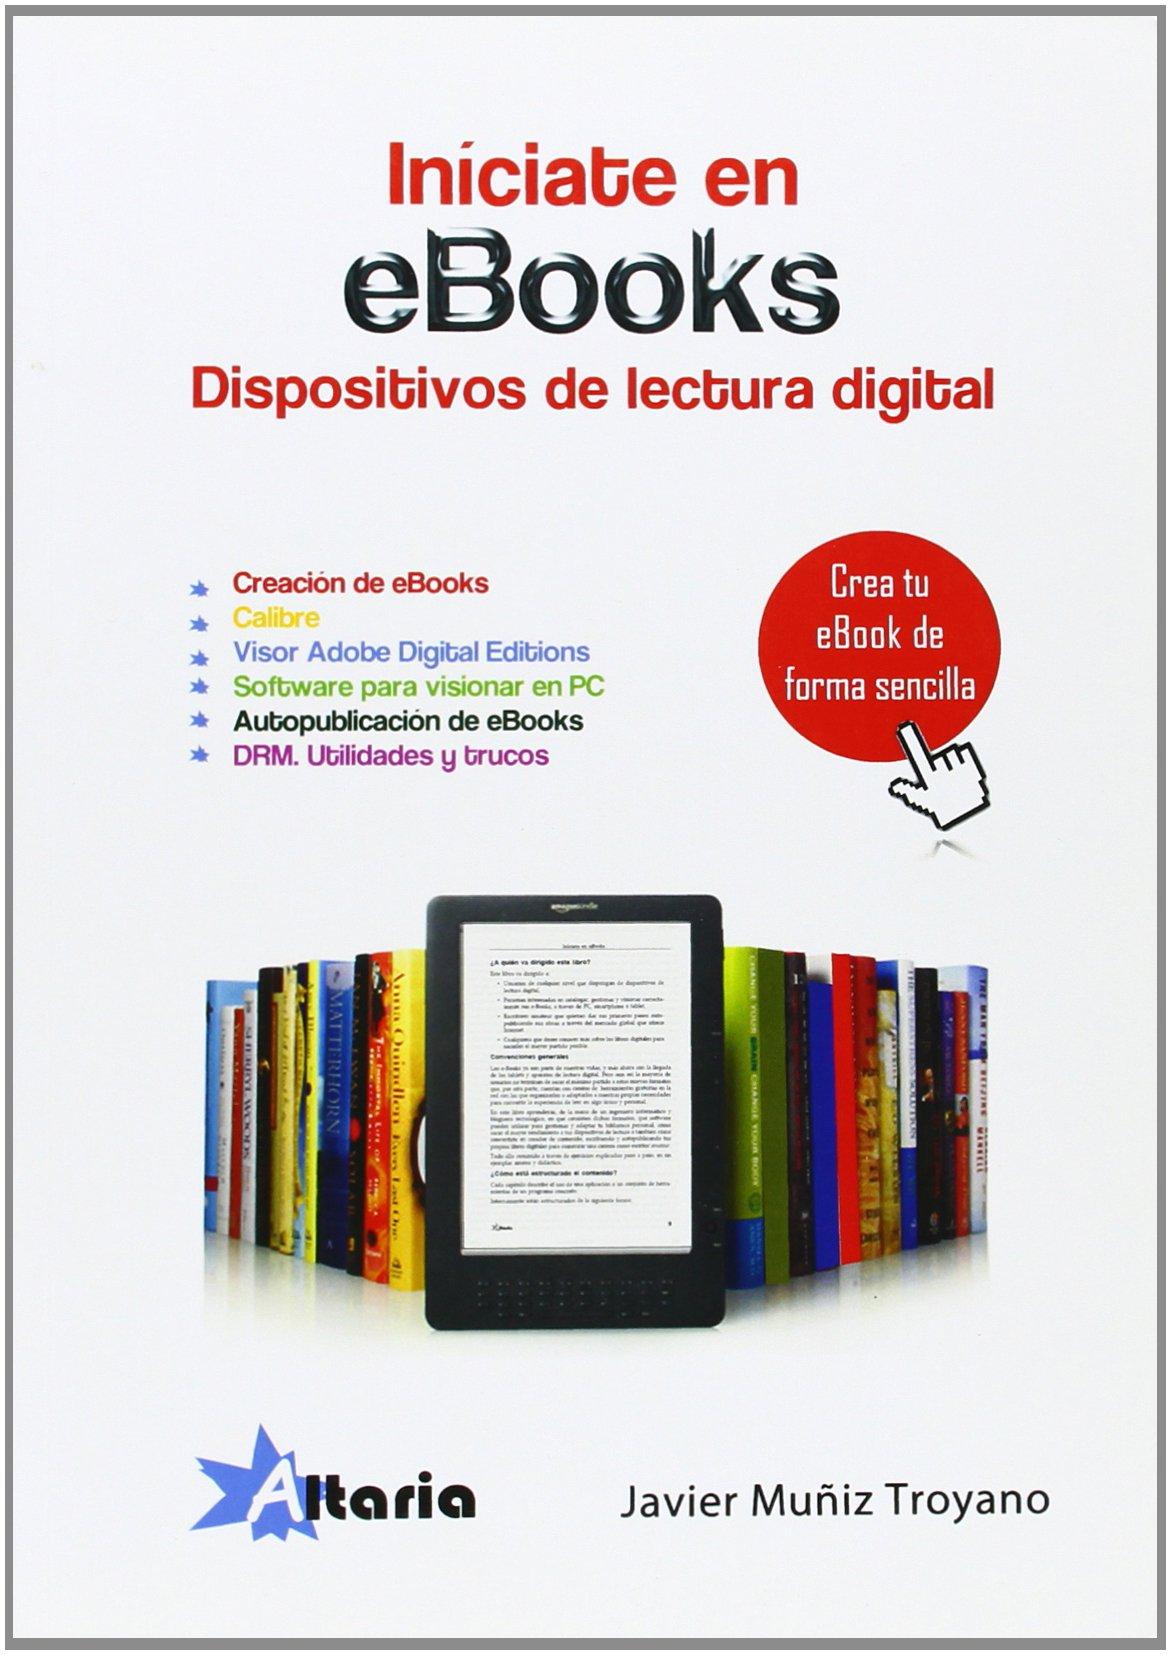 Iníciate en ebooks: nuevas formas de leer: Amazon.es: Muñiz ...